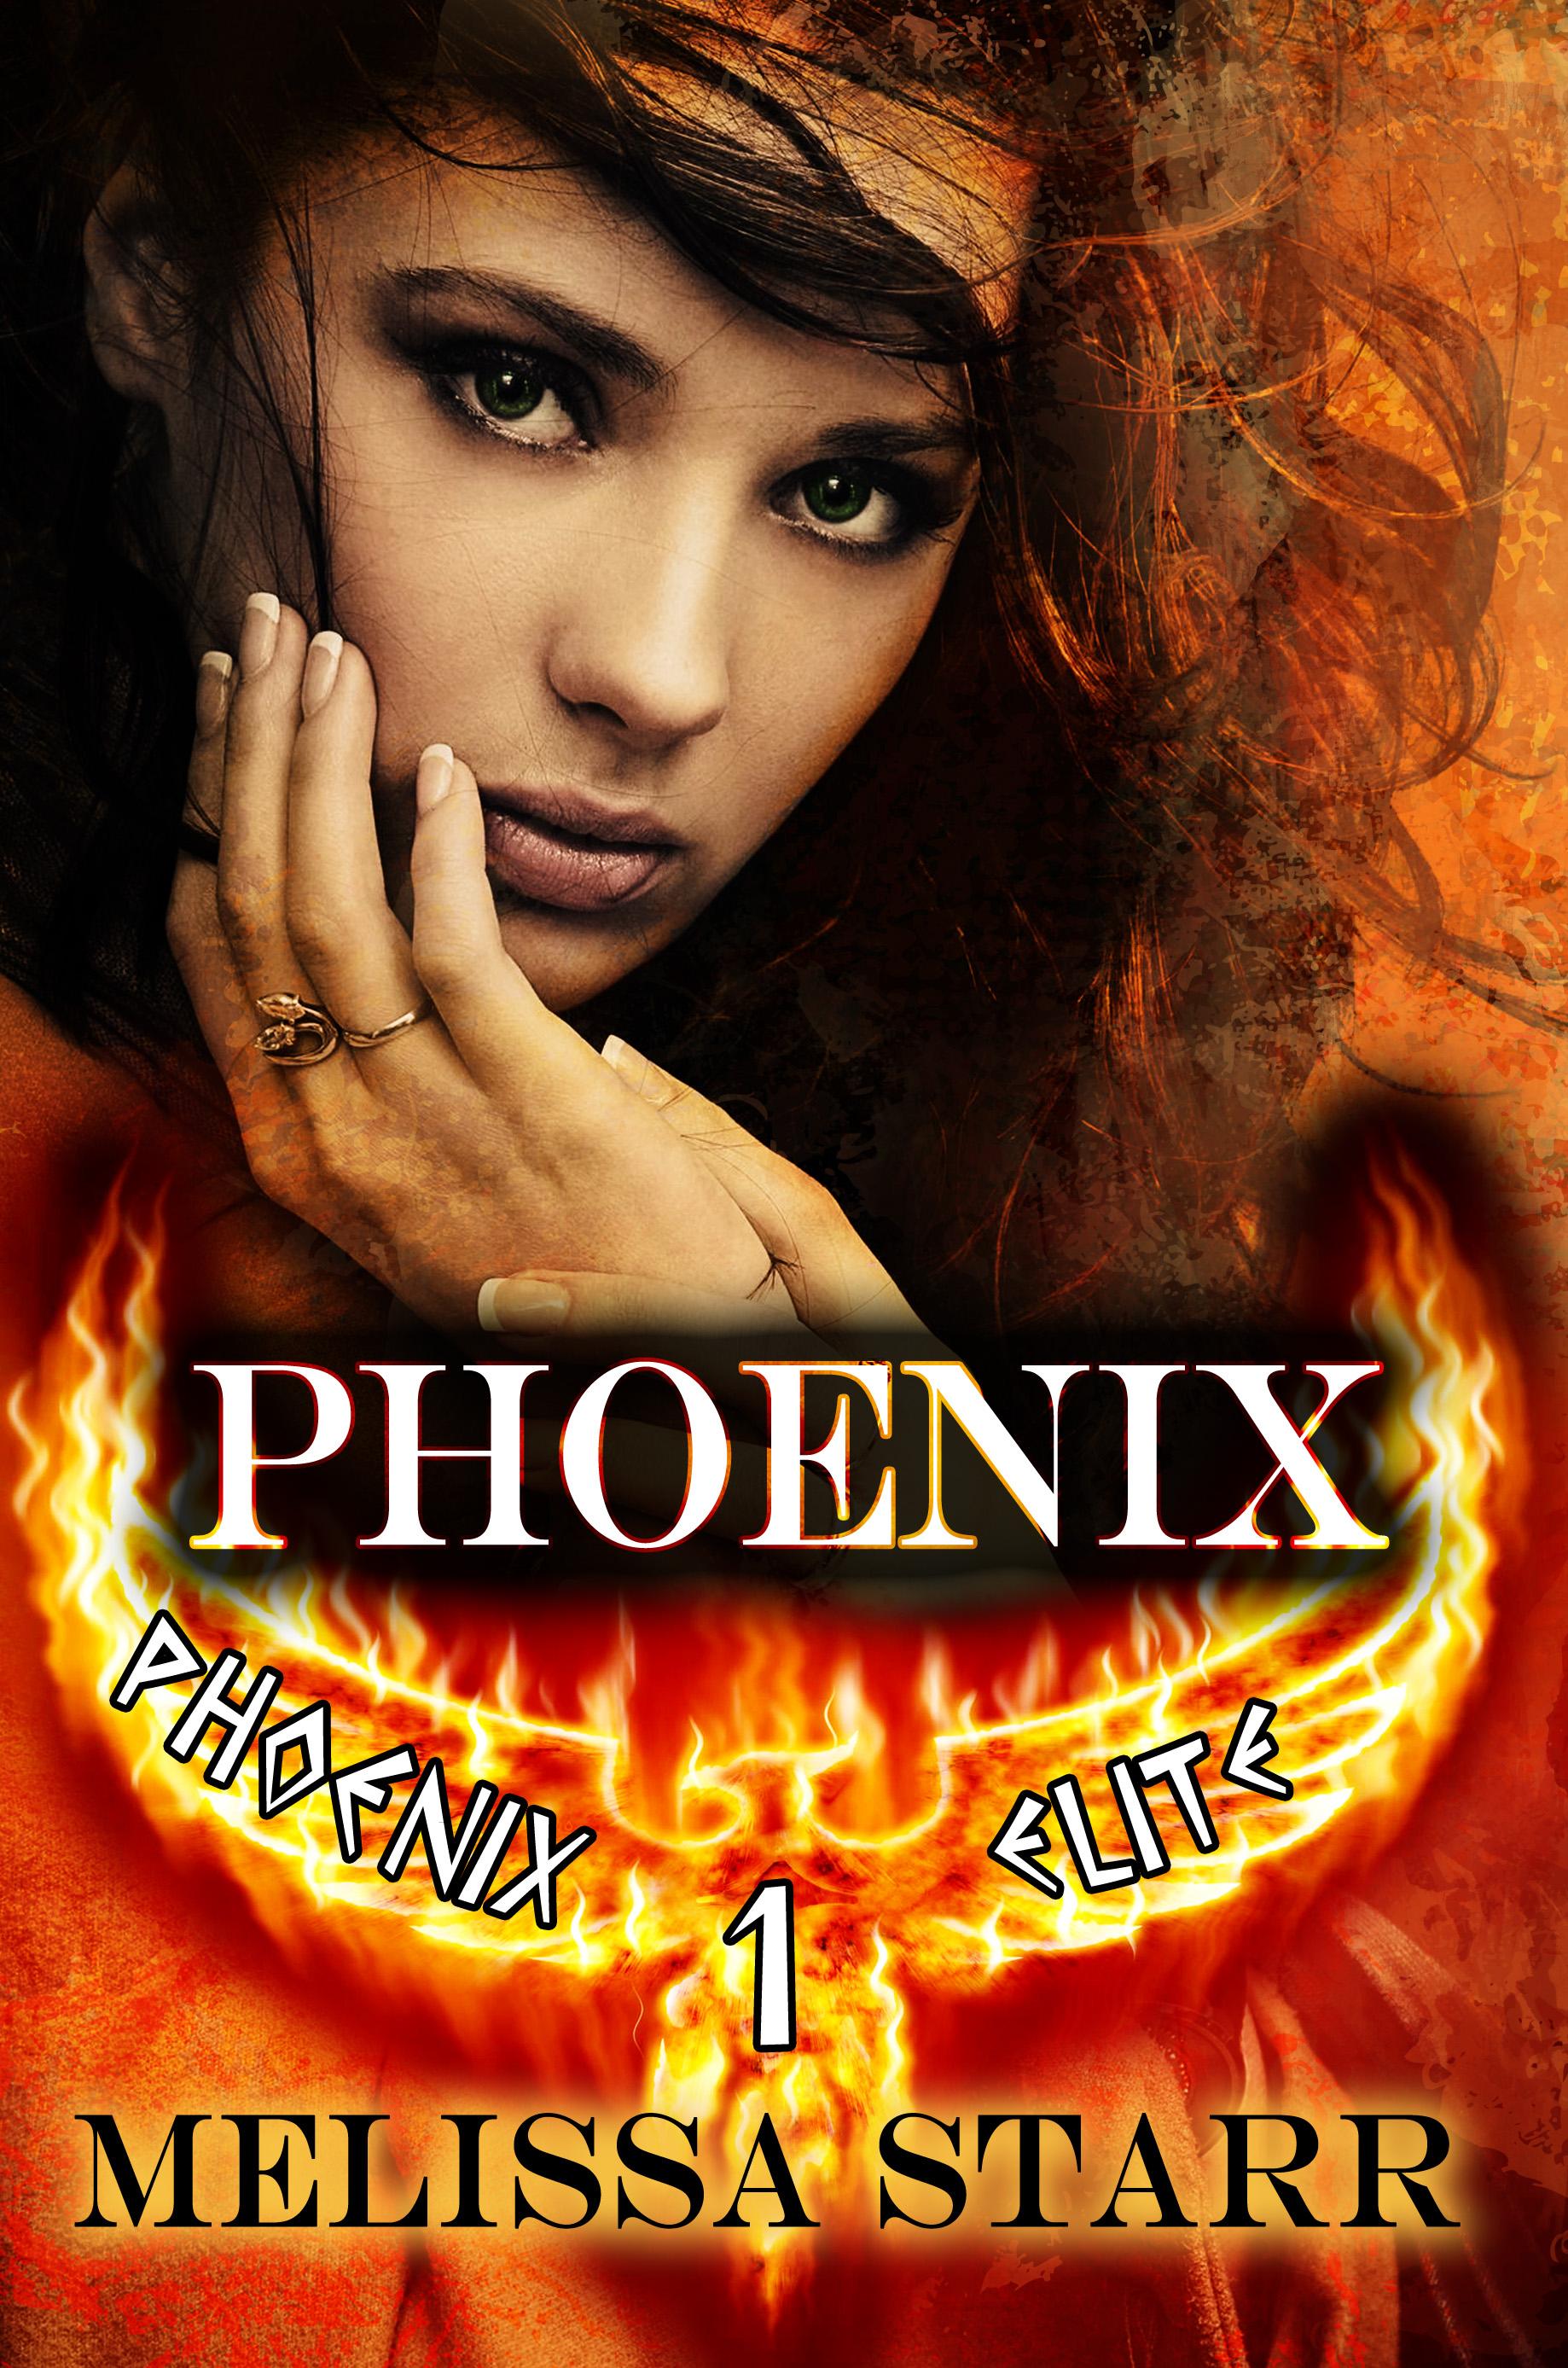 PhoenixElite1